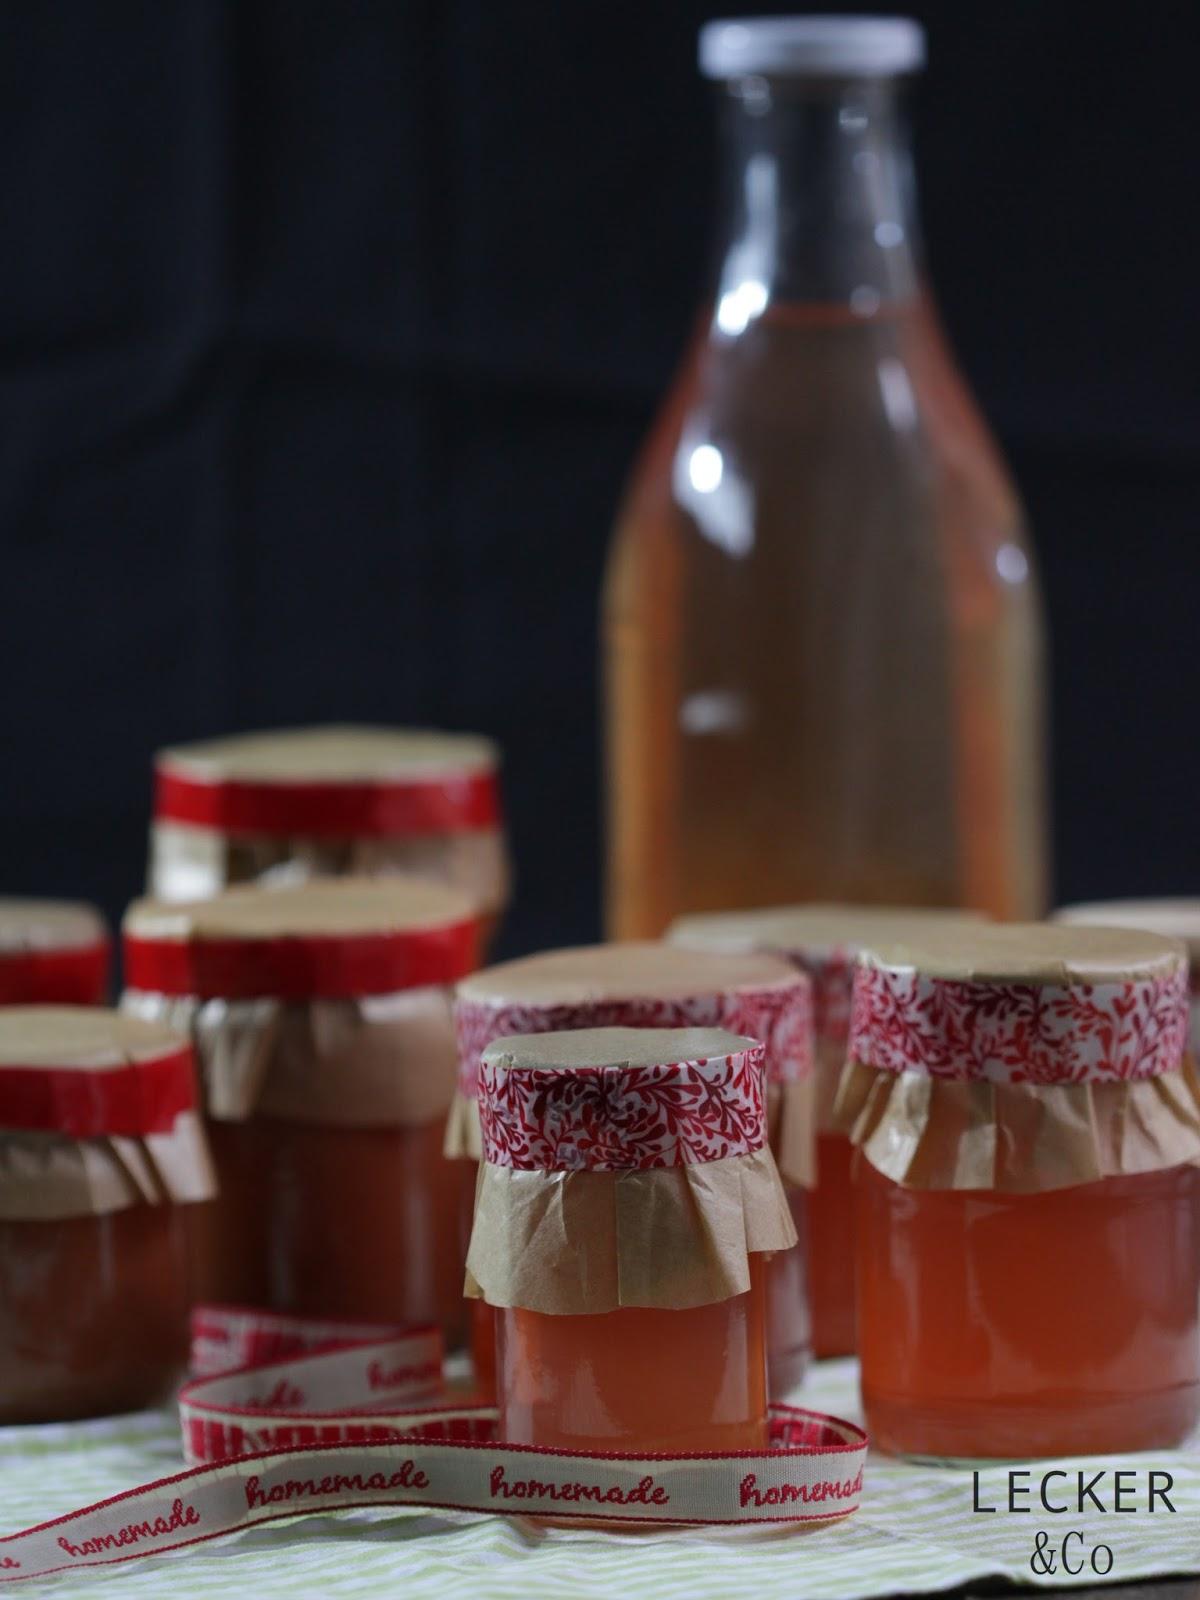 lecker co foodblog aus n rnberg quittengelee und weihnachtliche apfel quitten marmelade und sirup. Black Bedroom Furniture Sets. Home Design Ideas